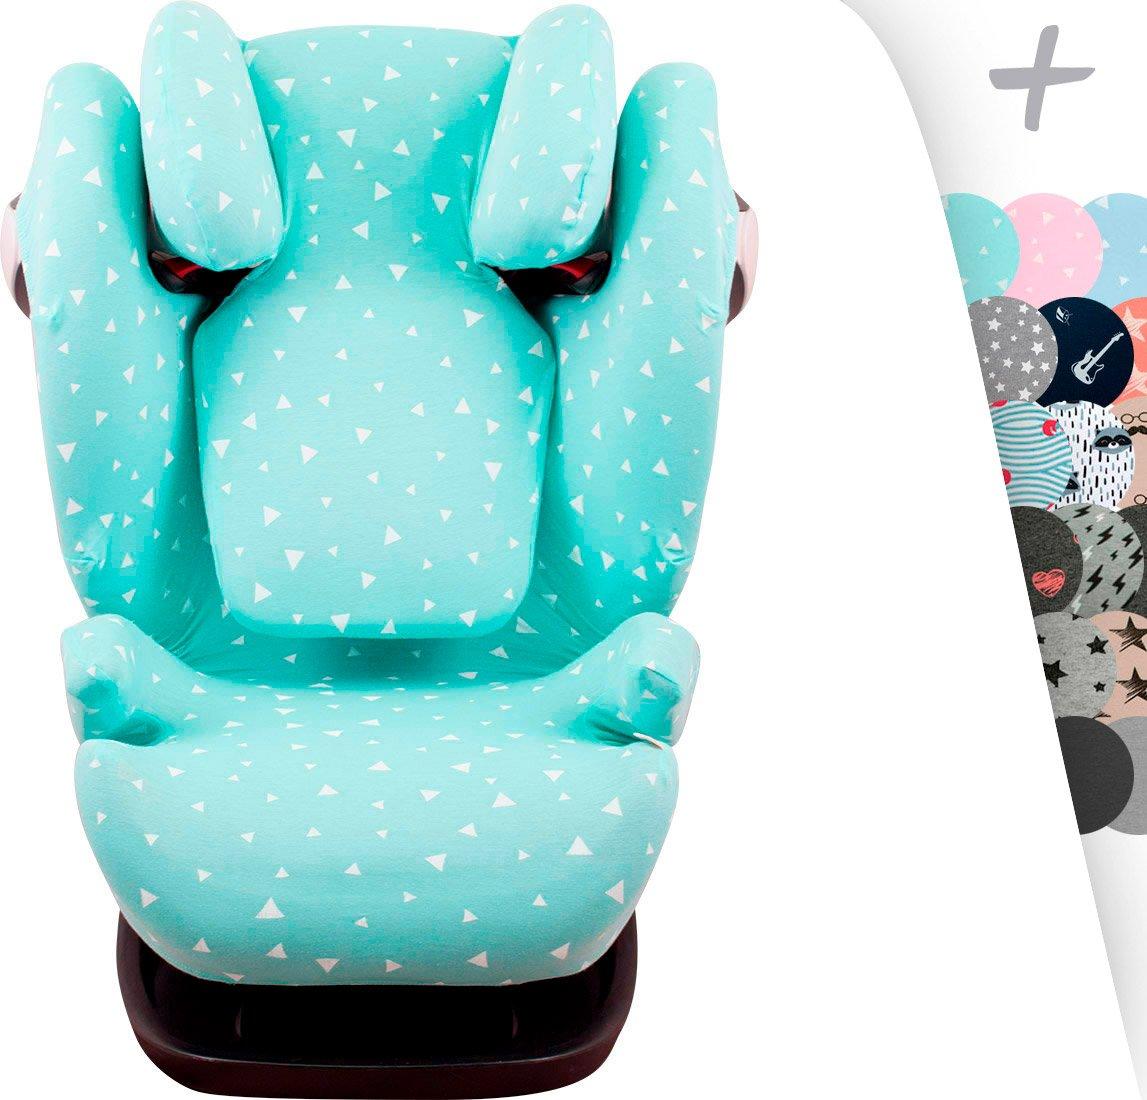 2 almohadillas protectoras antisuciedad para proteger el asiento trasero y evitar la suciedad impermeables Xiton